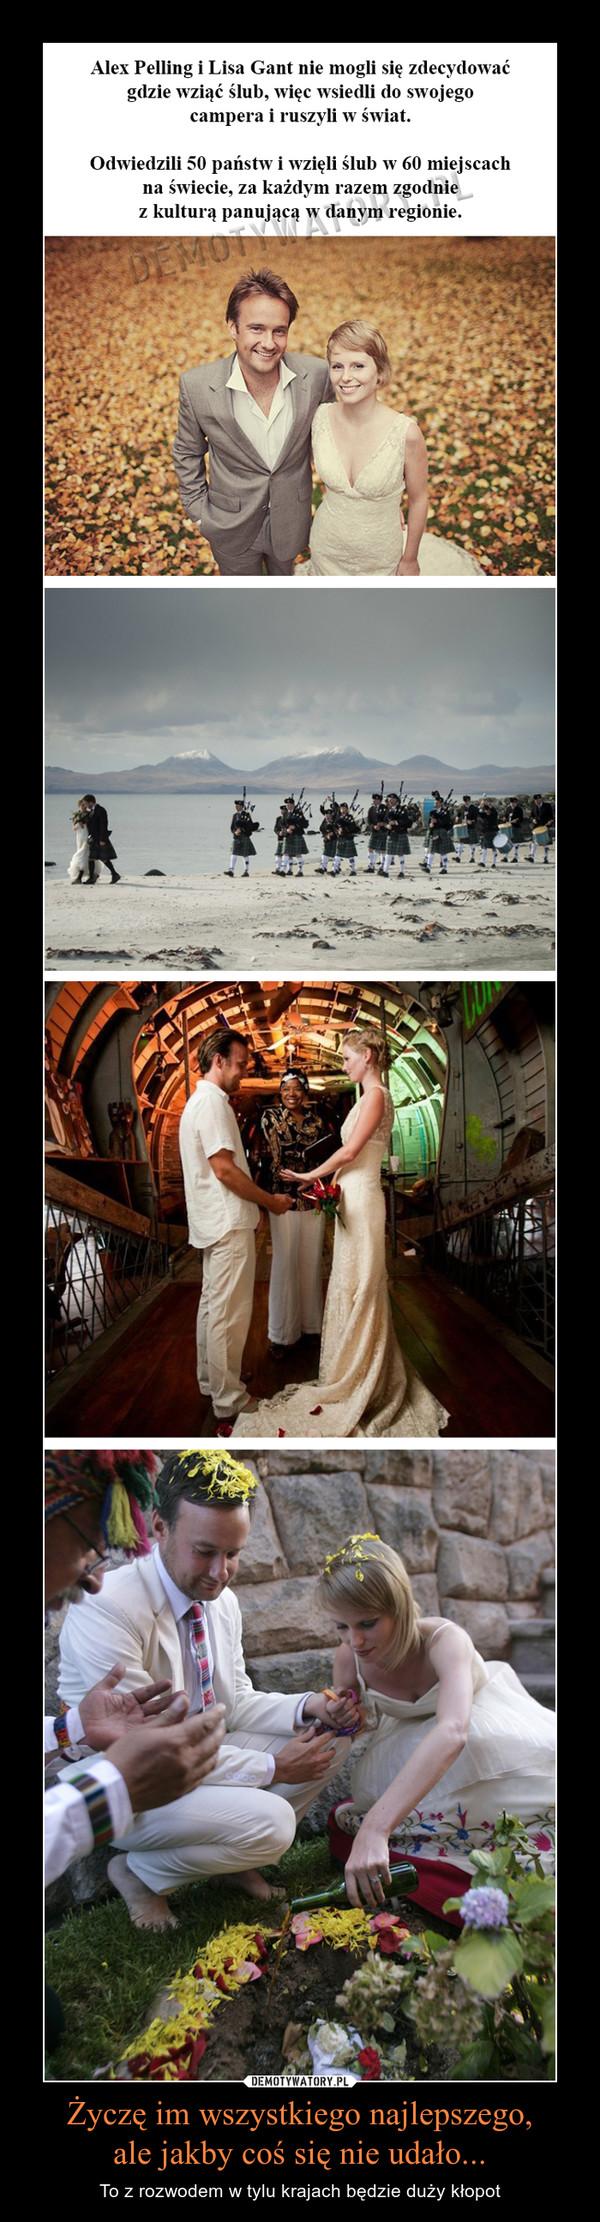 Życzę im wszystkiego najlepszego,ale jakby coś się nie udało... – To z rozwodem w tylu krajach będzie duży kłopot